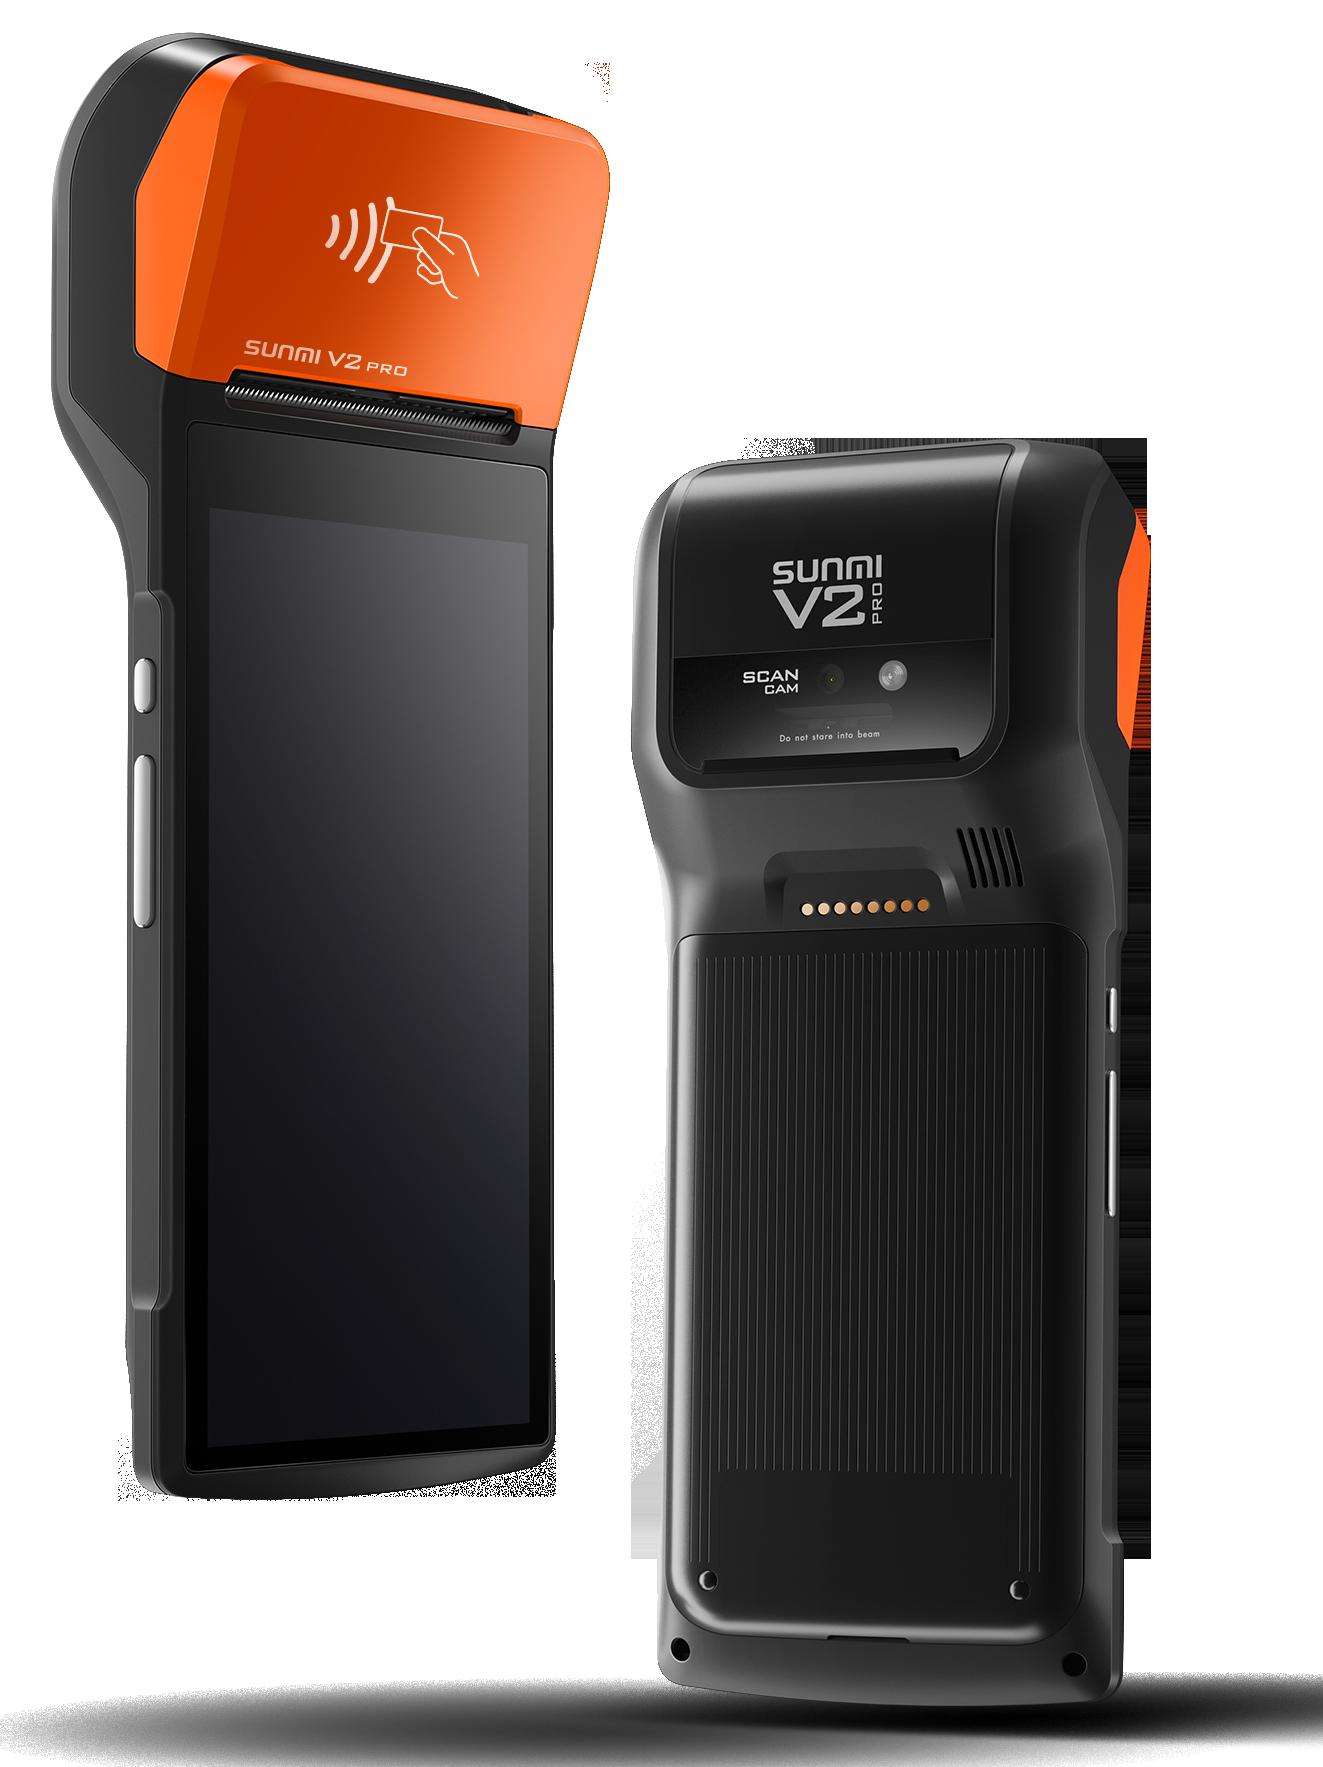 SUNMI V2 PRO ANDROID PDA - PCMIRA